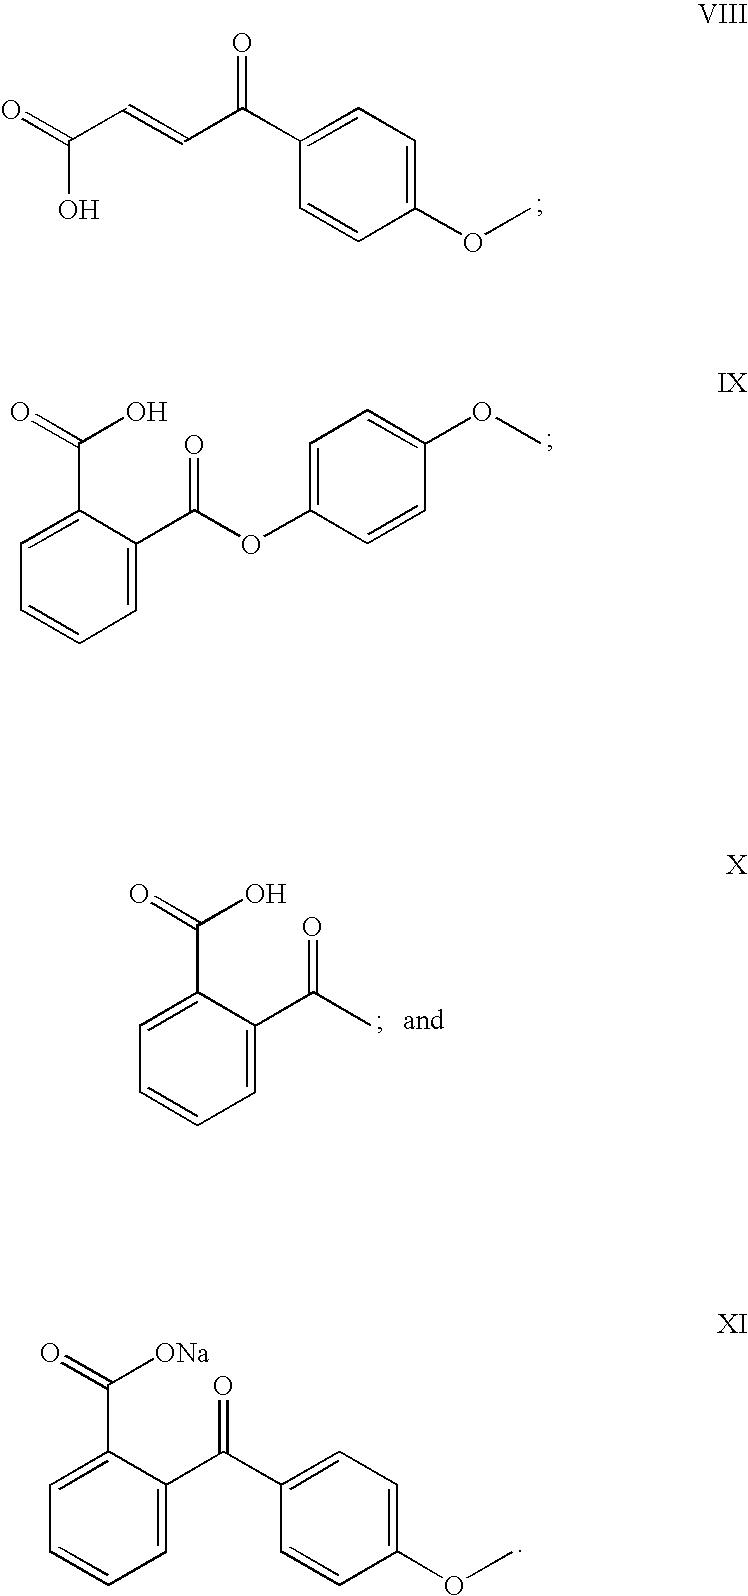 Figure US20070148284A1-20070628-C00008